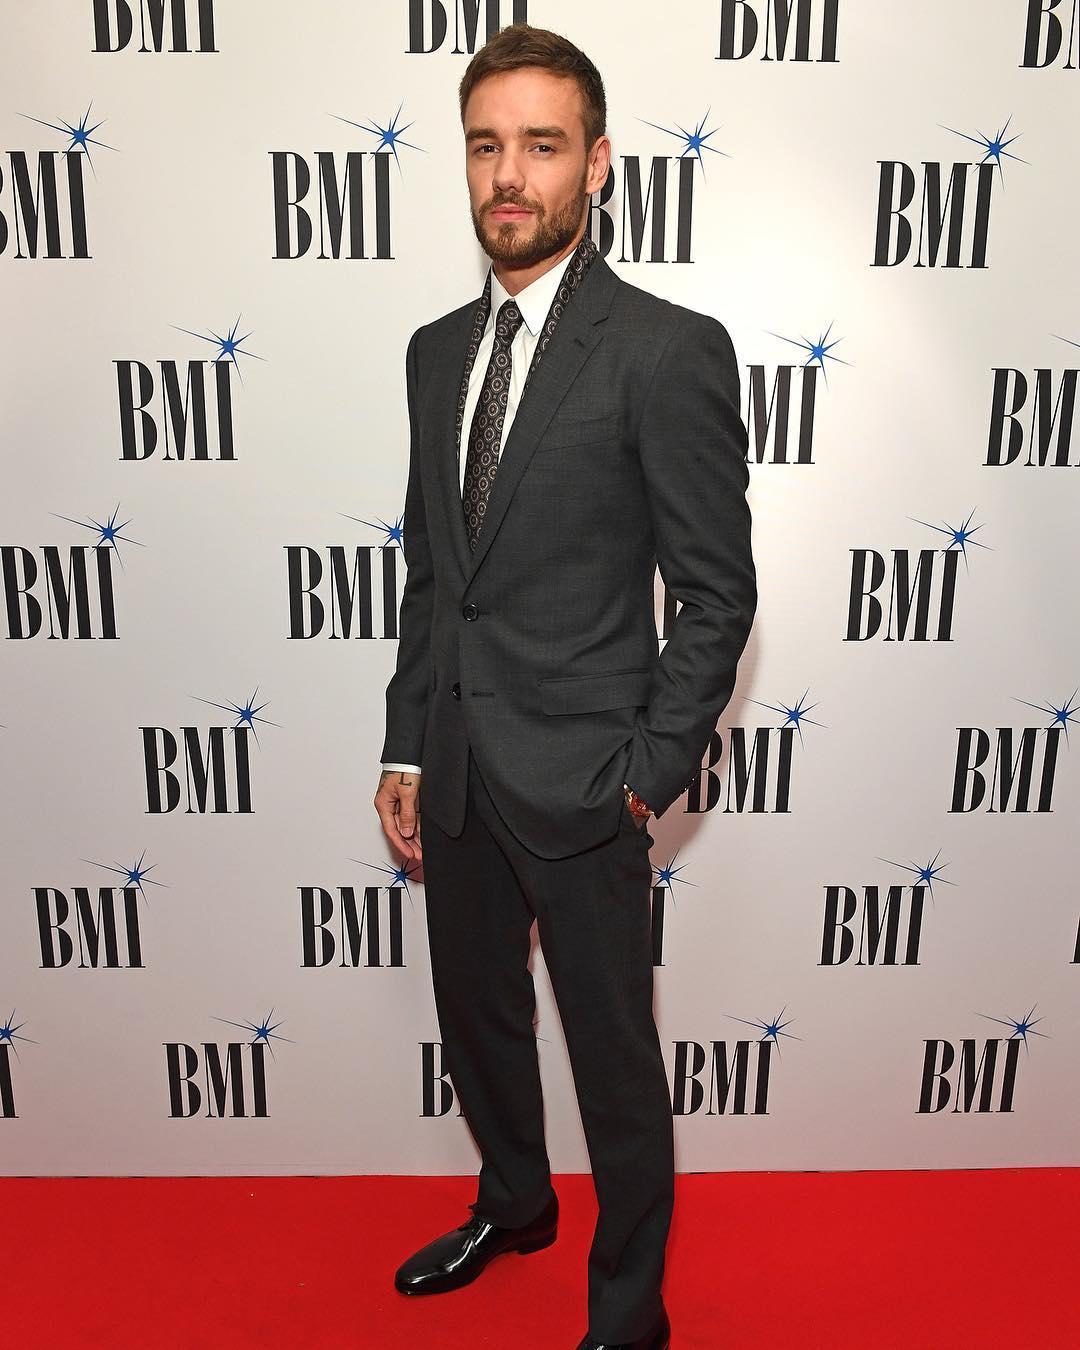 Tuy không quá nổi bật nhưng bộ suit vẫn tôn lên dáng điệu thanh lịch cho Liam tại một sự kiện quan trọng. Ảnh: Instagram @bmi